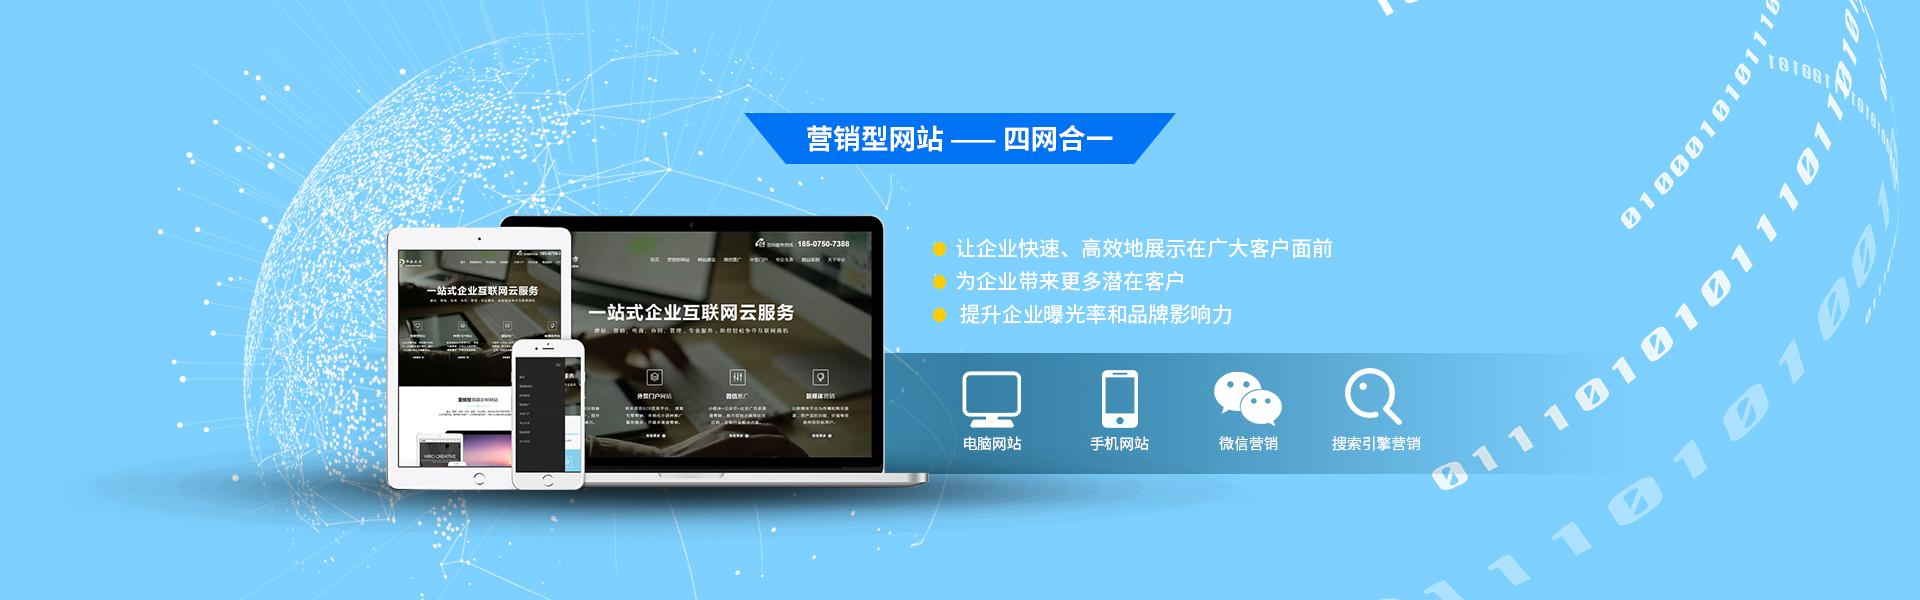 湖州网站制作,企业网站建设,网站seo优化,网站建设公司,网站推广